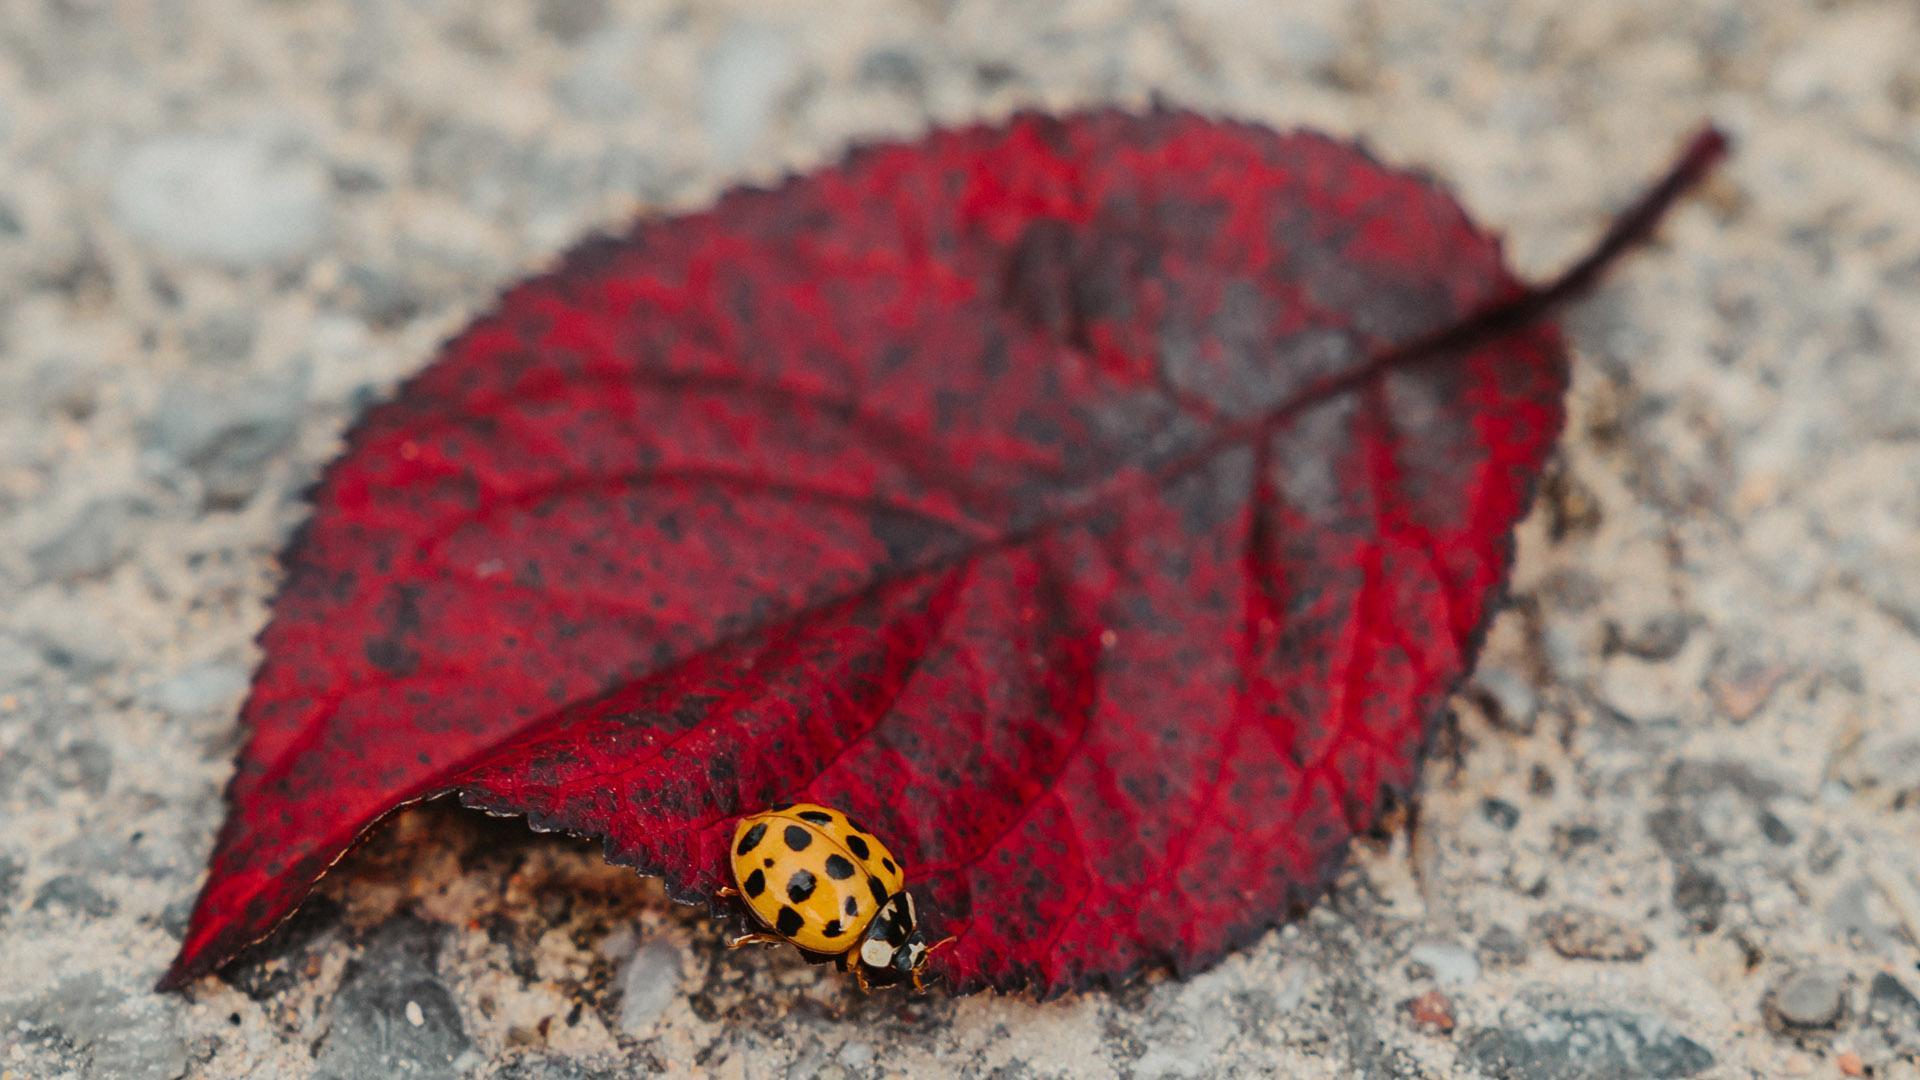 C'est beau l'agglo en automne © Marie Nussbaumer